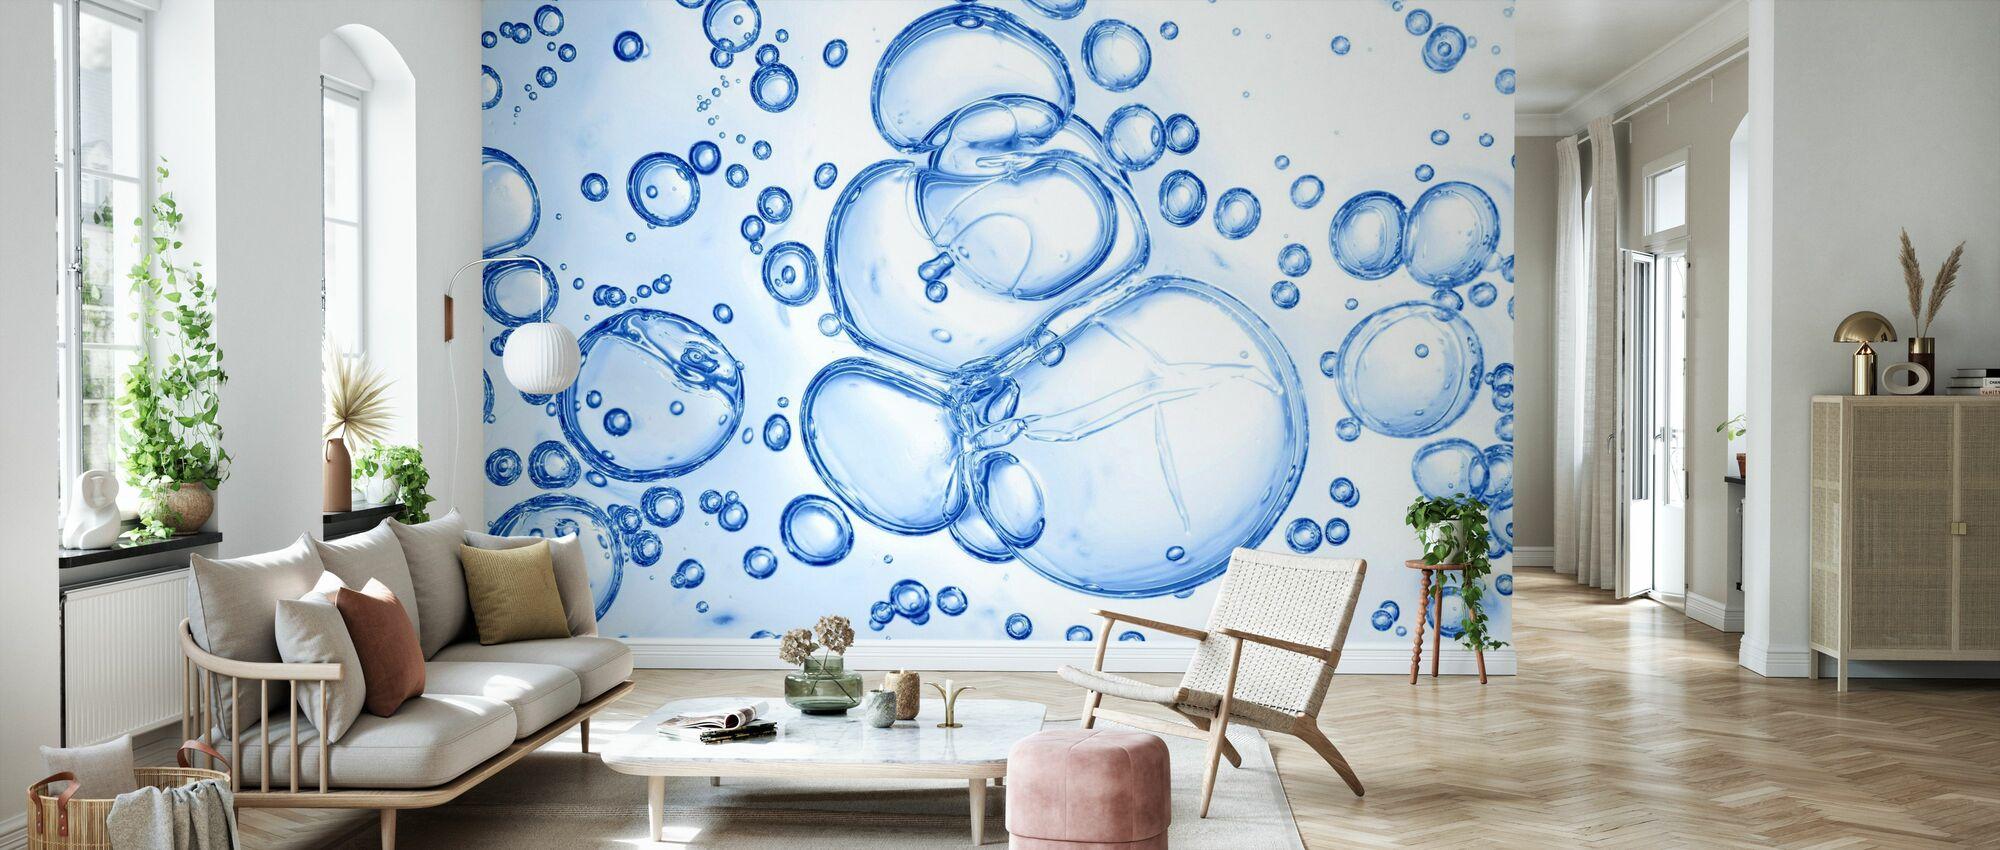 Bubbles Macro - Wallpaper - Living Room